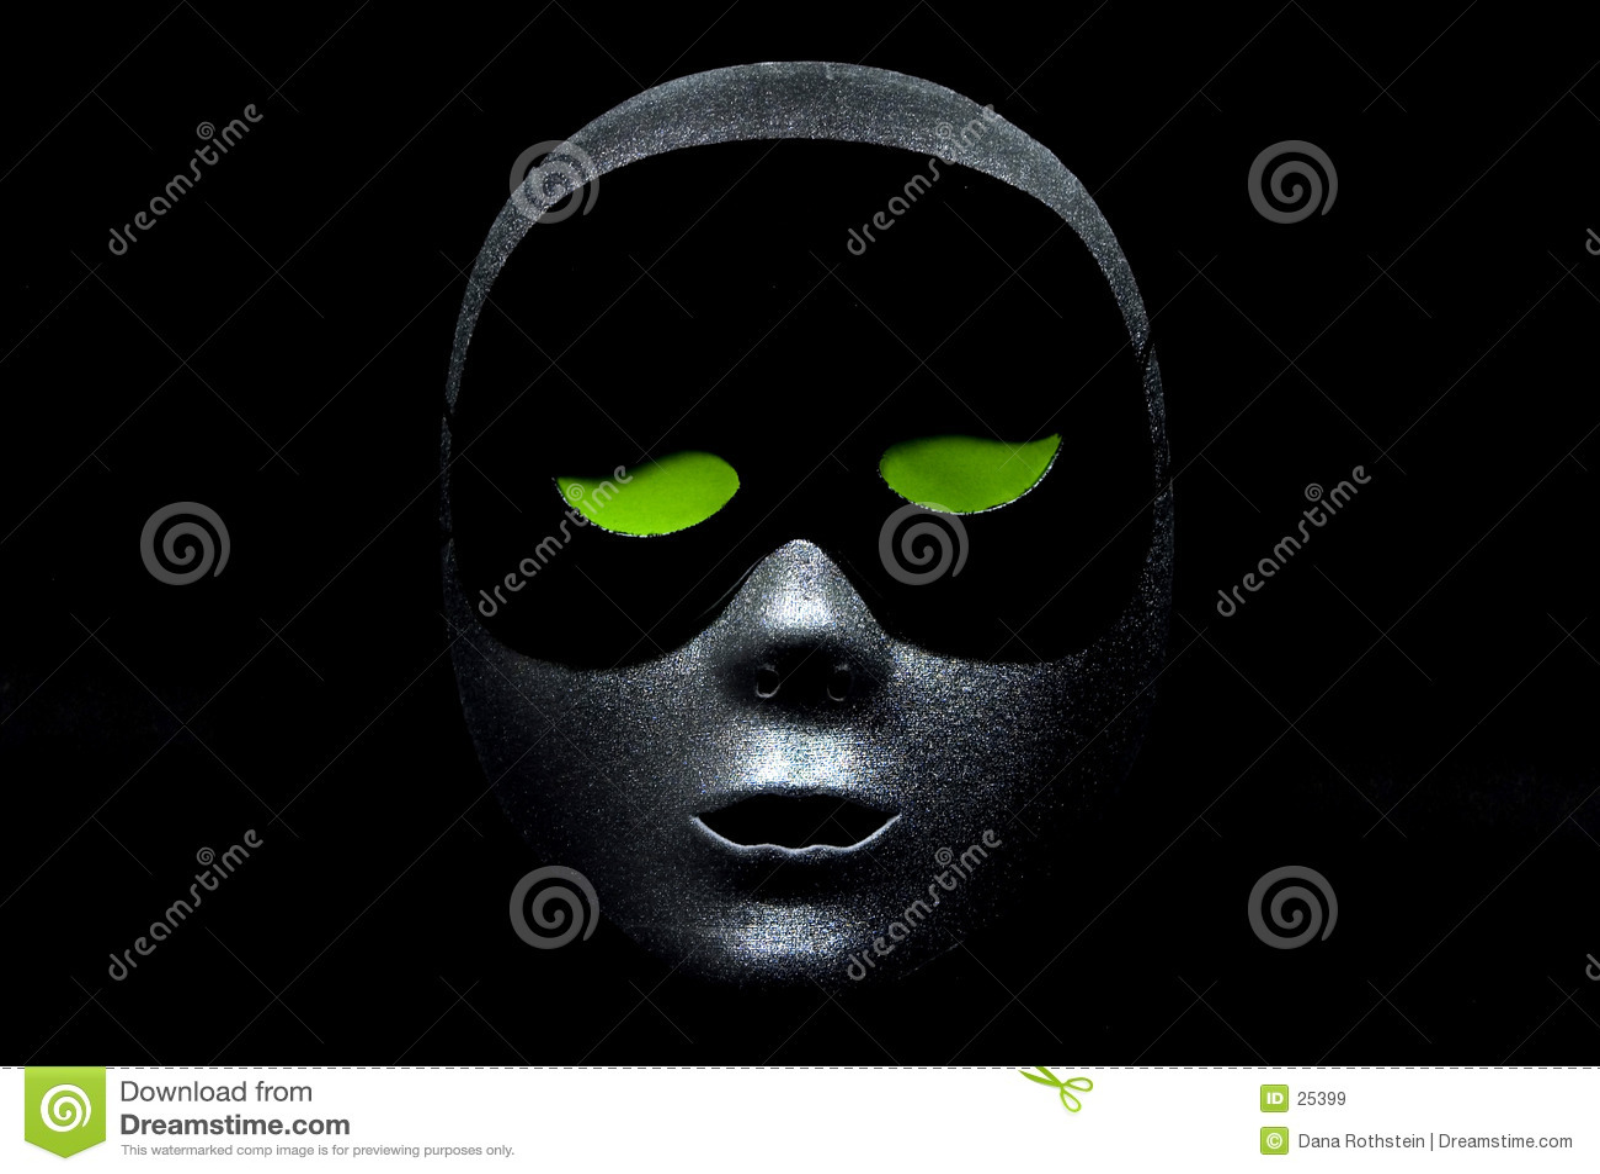 Greened Eyed